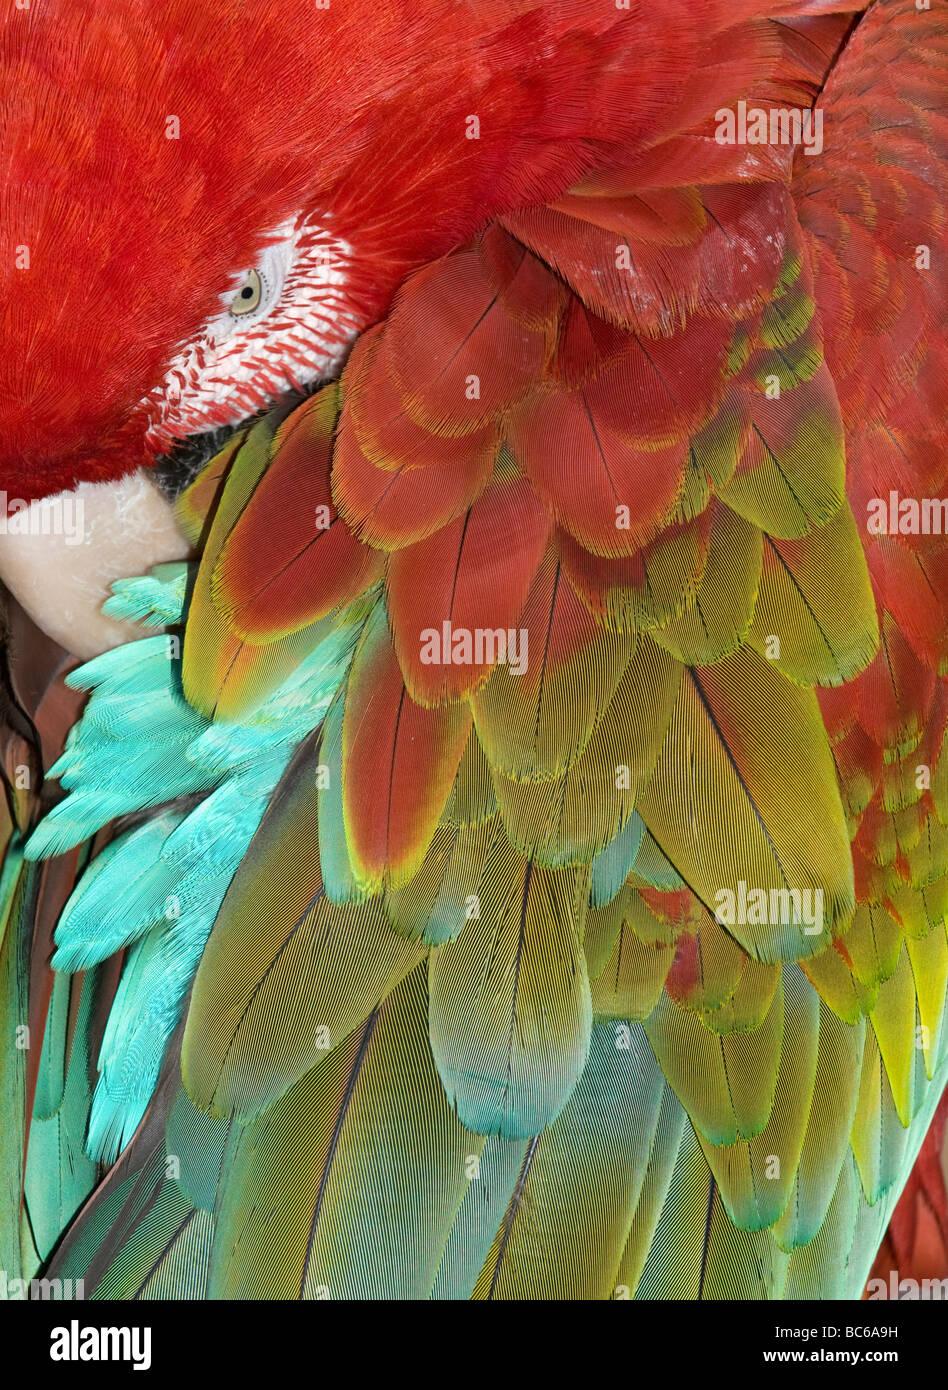 Il rosso e il verde Macaw (Ara chloroptera) dormire, dettaglio di piume Immagini Stock